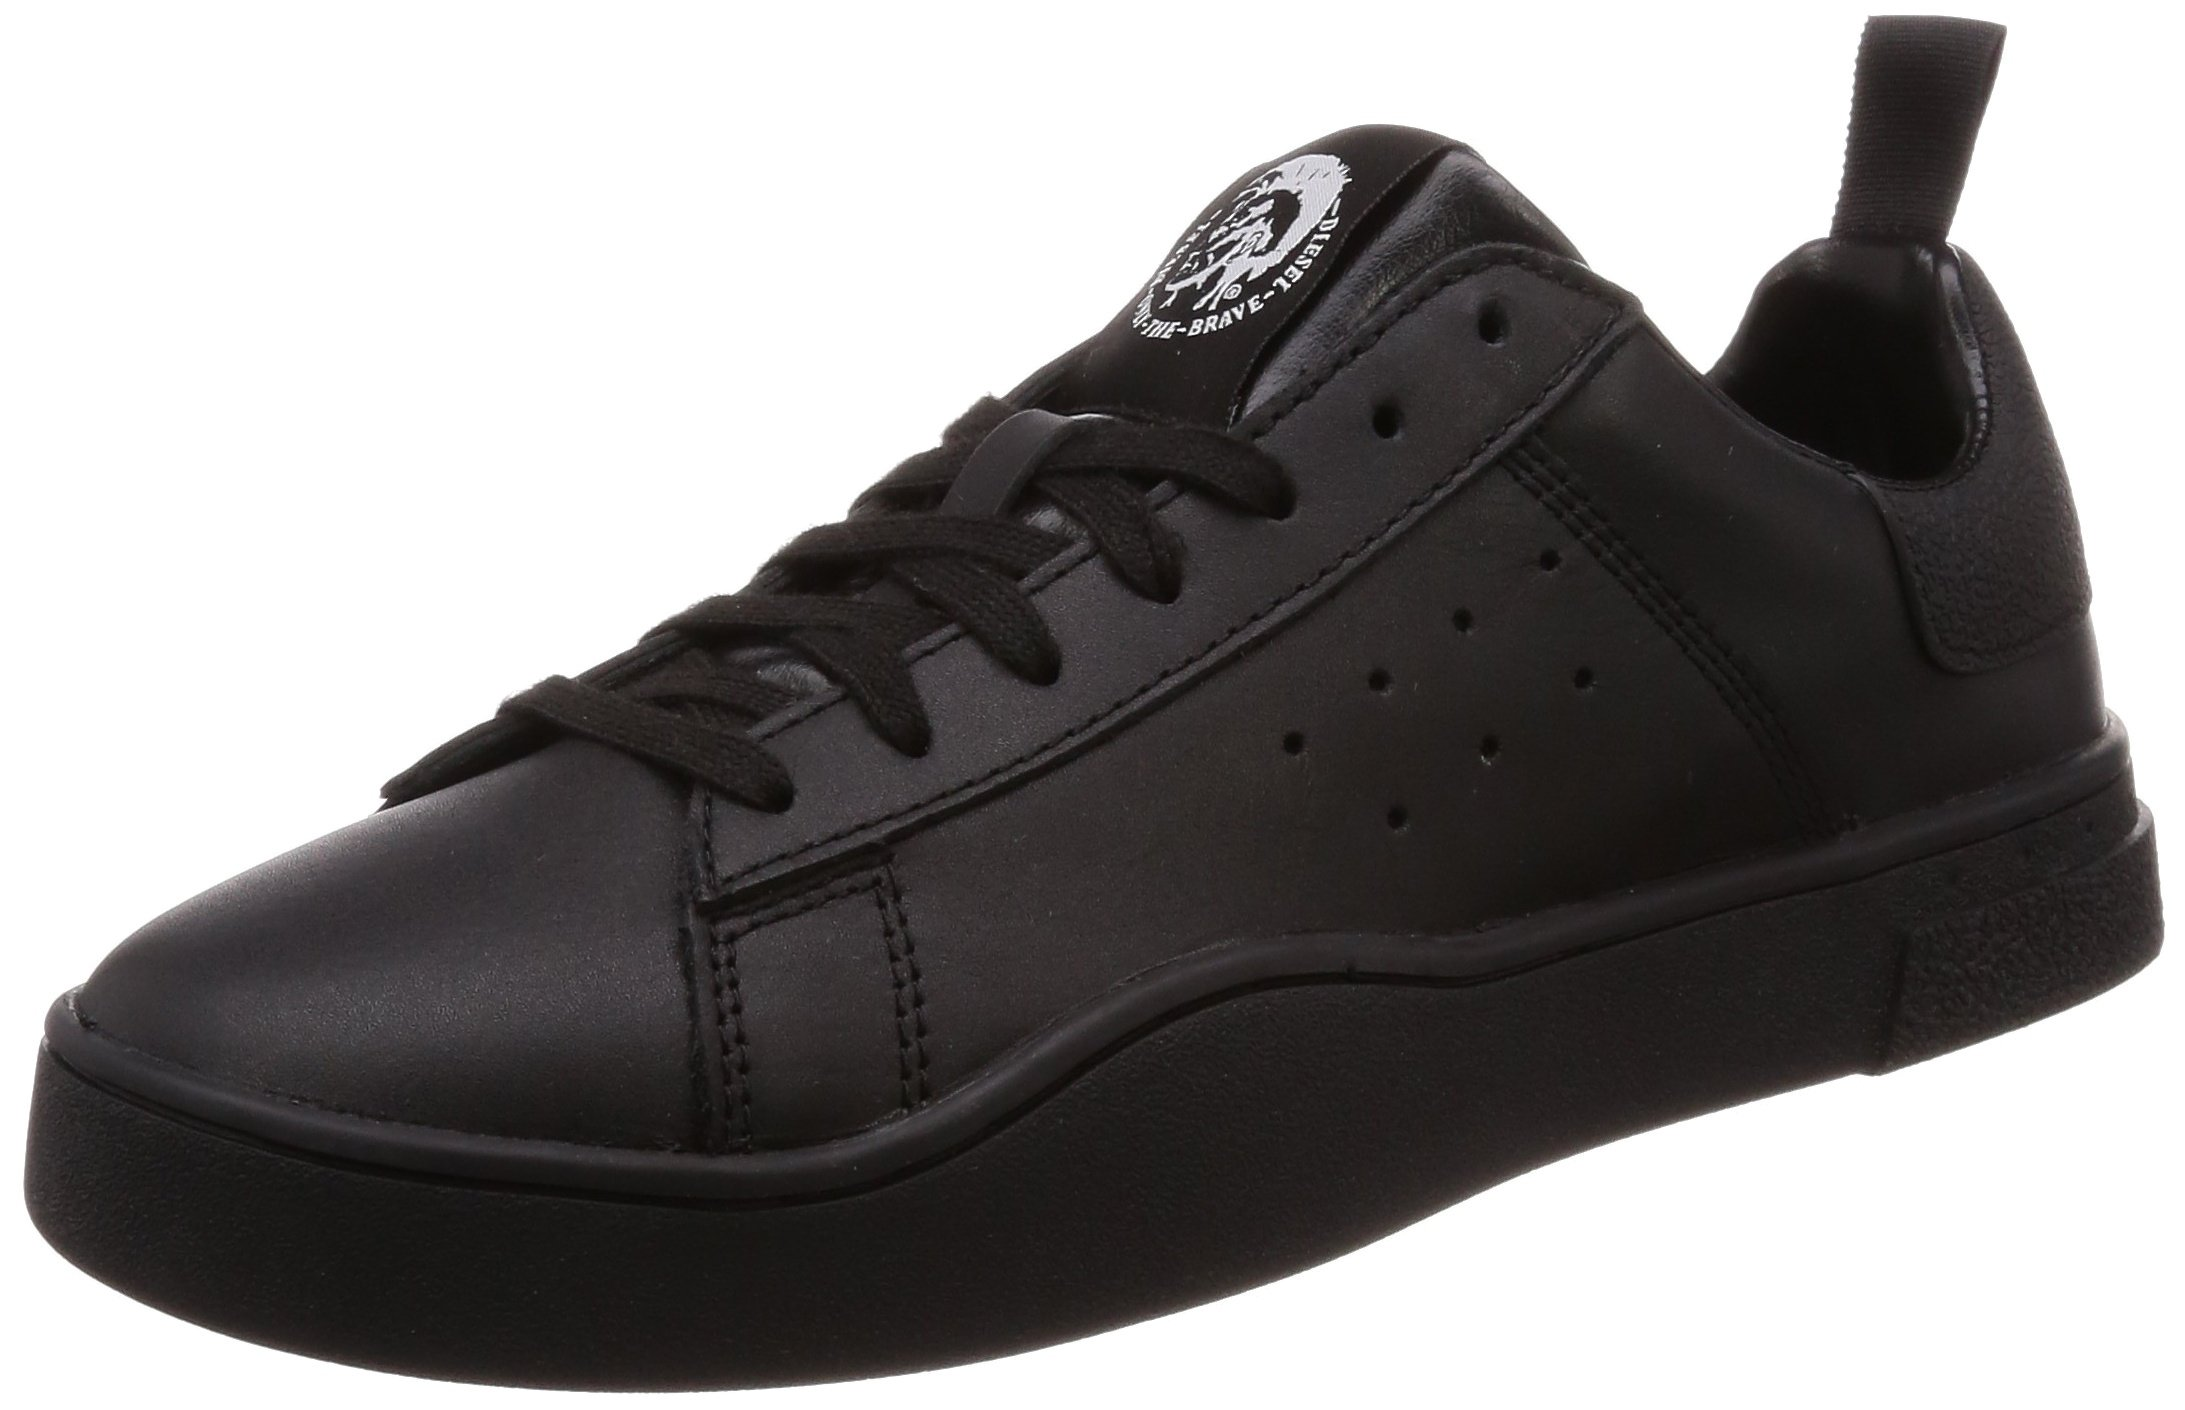 Diesel Men's S-Clever Low-Sneakers Black, 8 M US